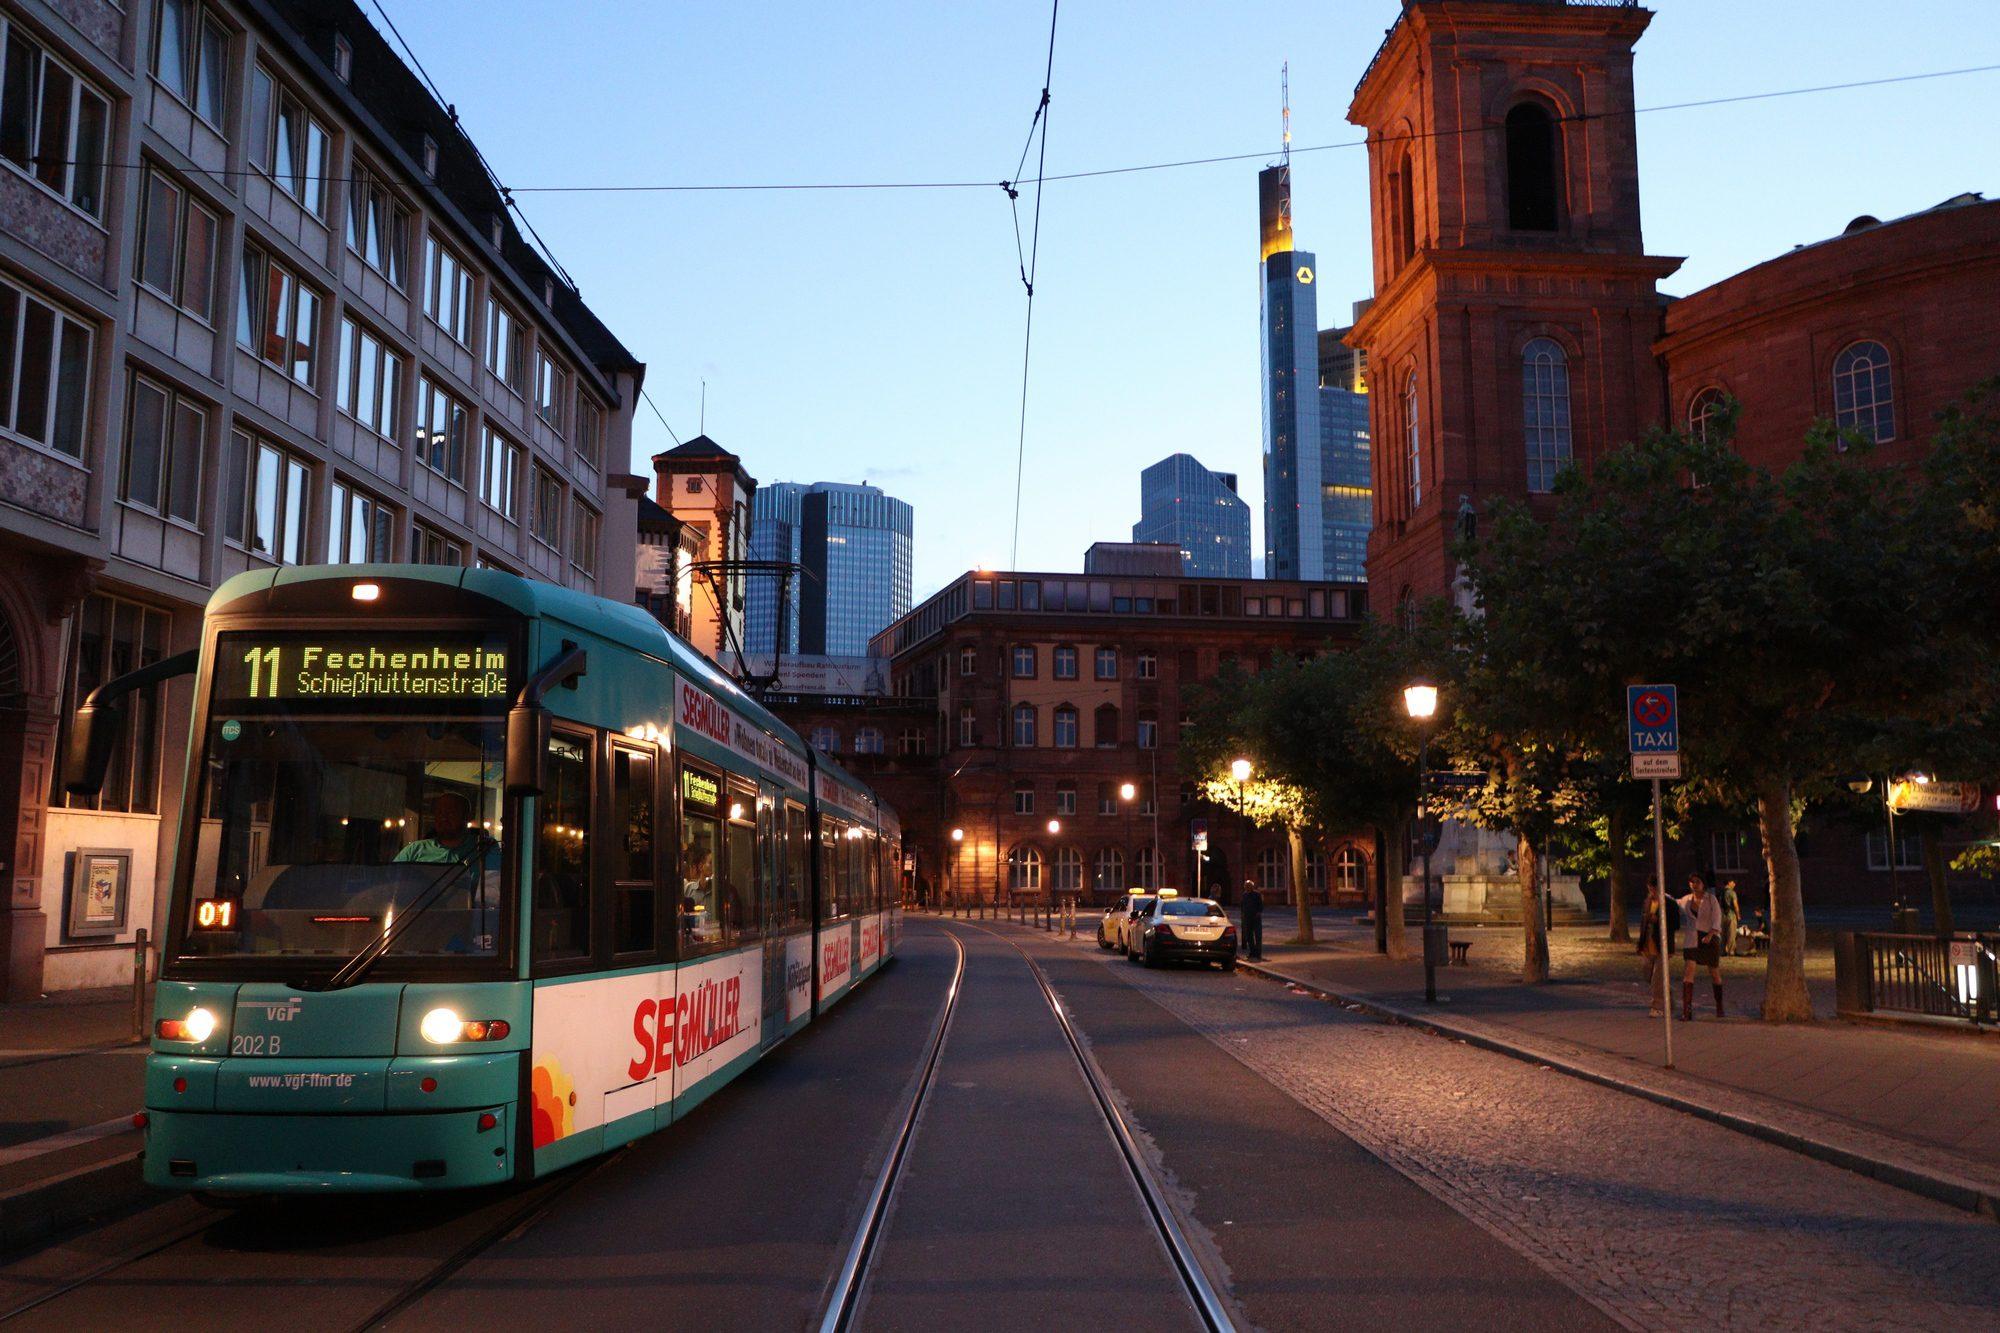 Straßenbahn in der Altstadt von Frankfurt am Main